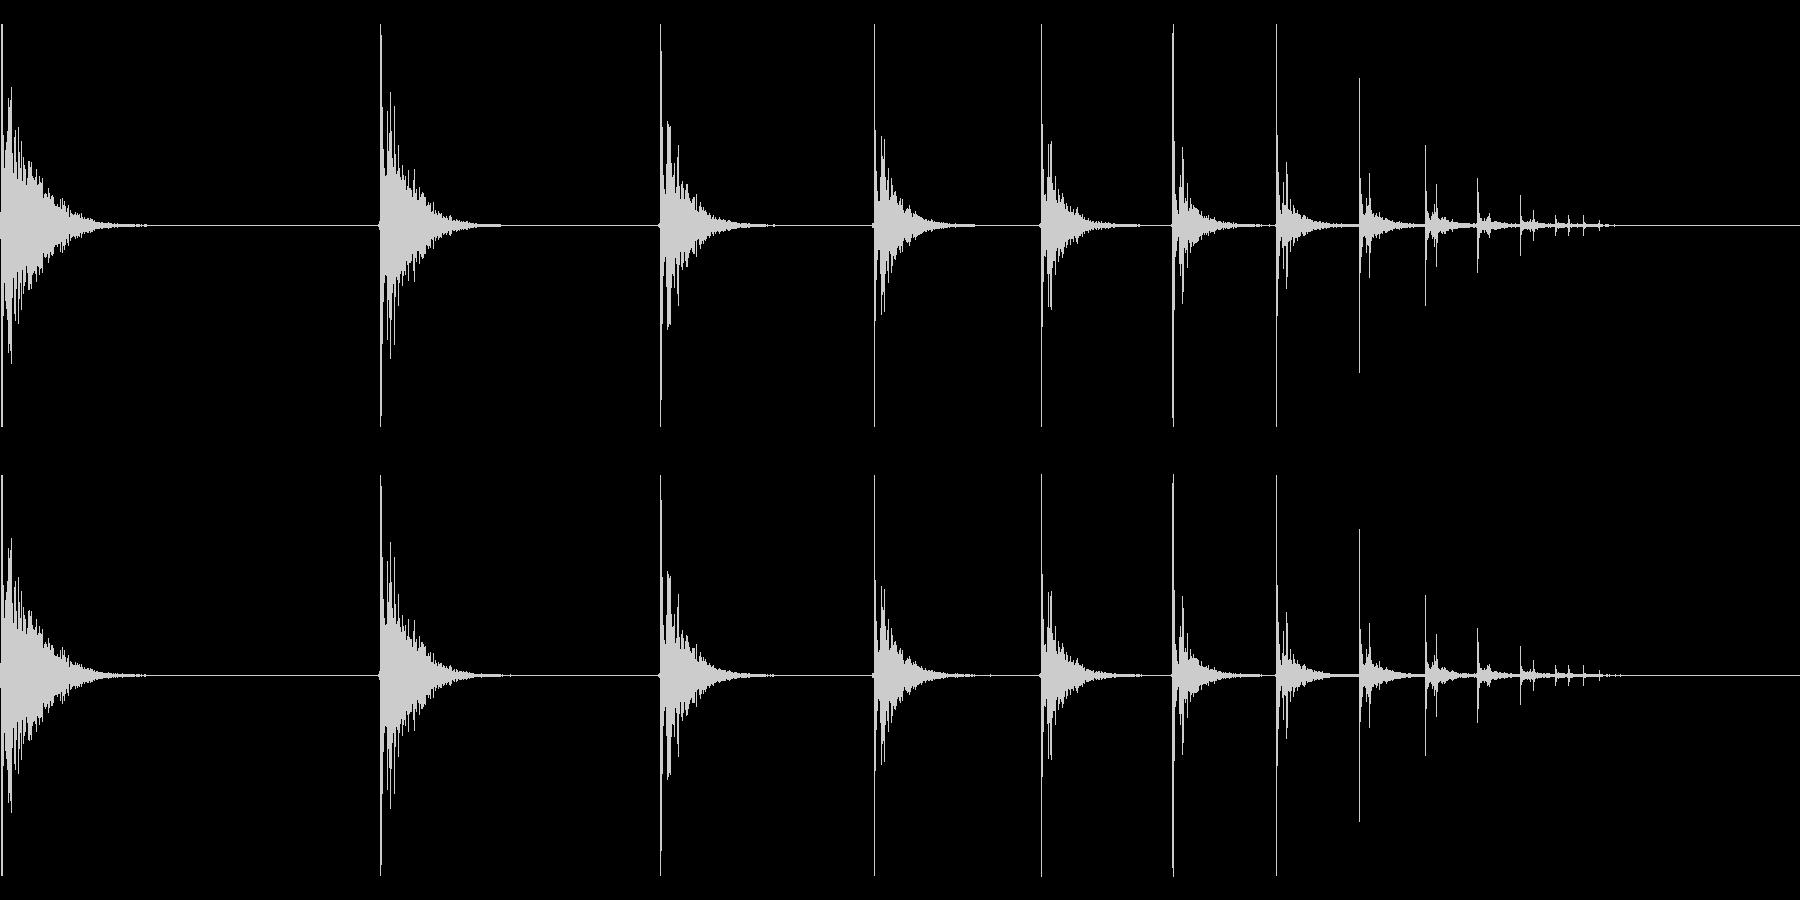 【生録音】カラーボールが跳ねる音の未再生の波形